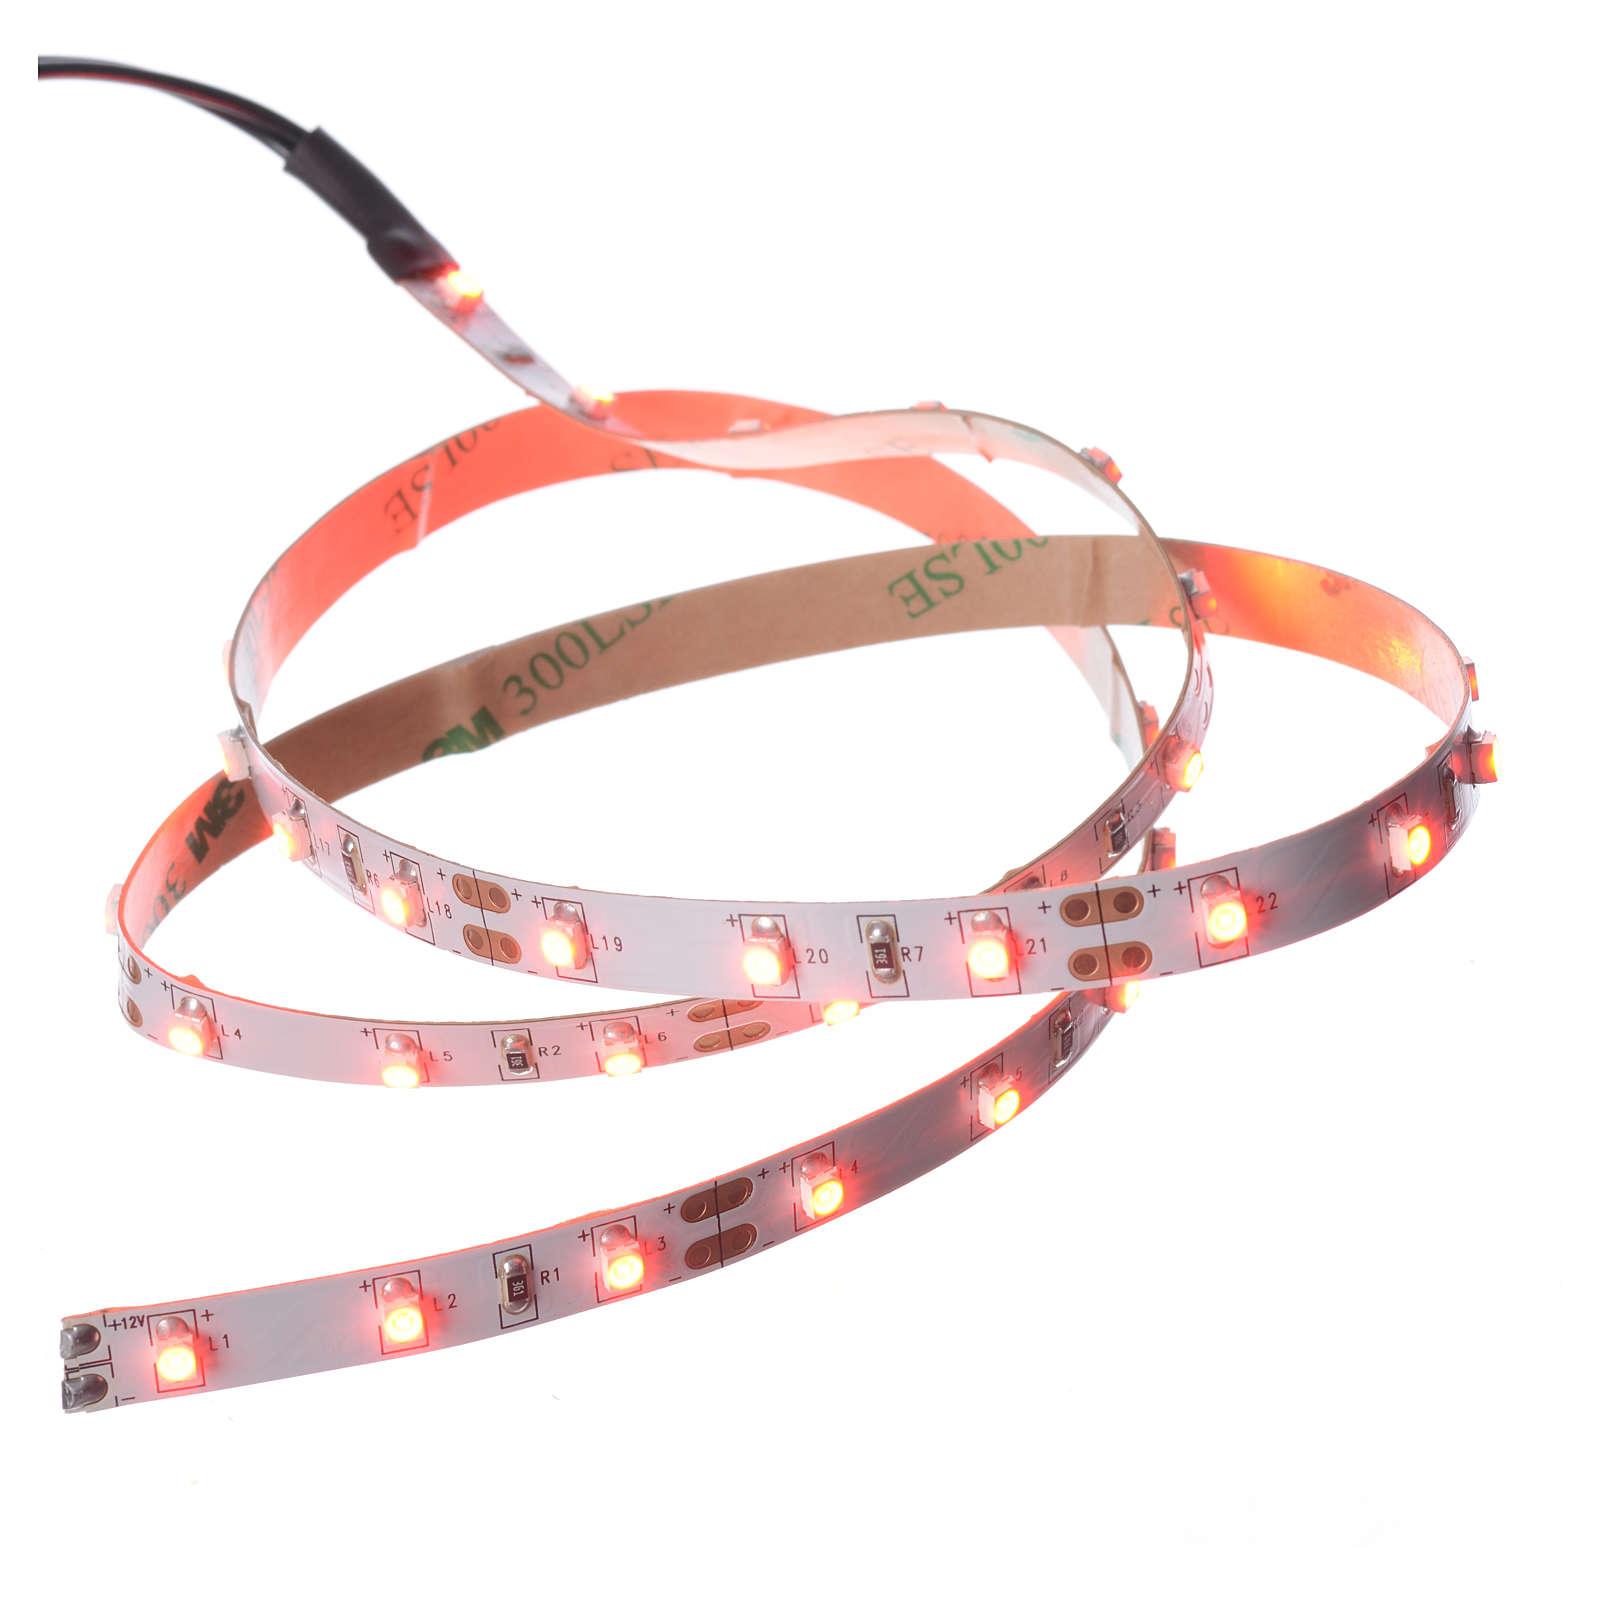 Tira de LED Power 'PS' 45 LED 0.8 x 75 cm. rojo Frial Power 4